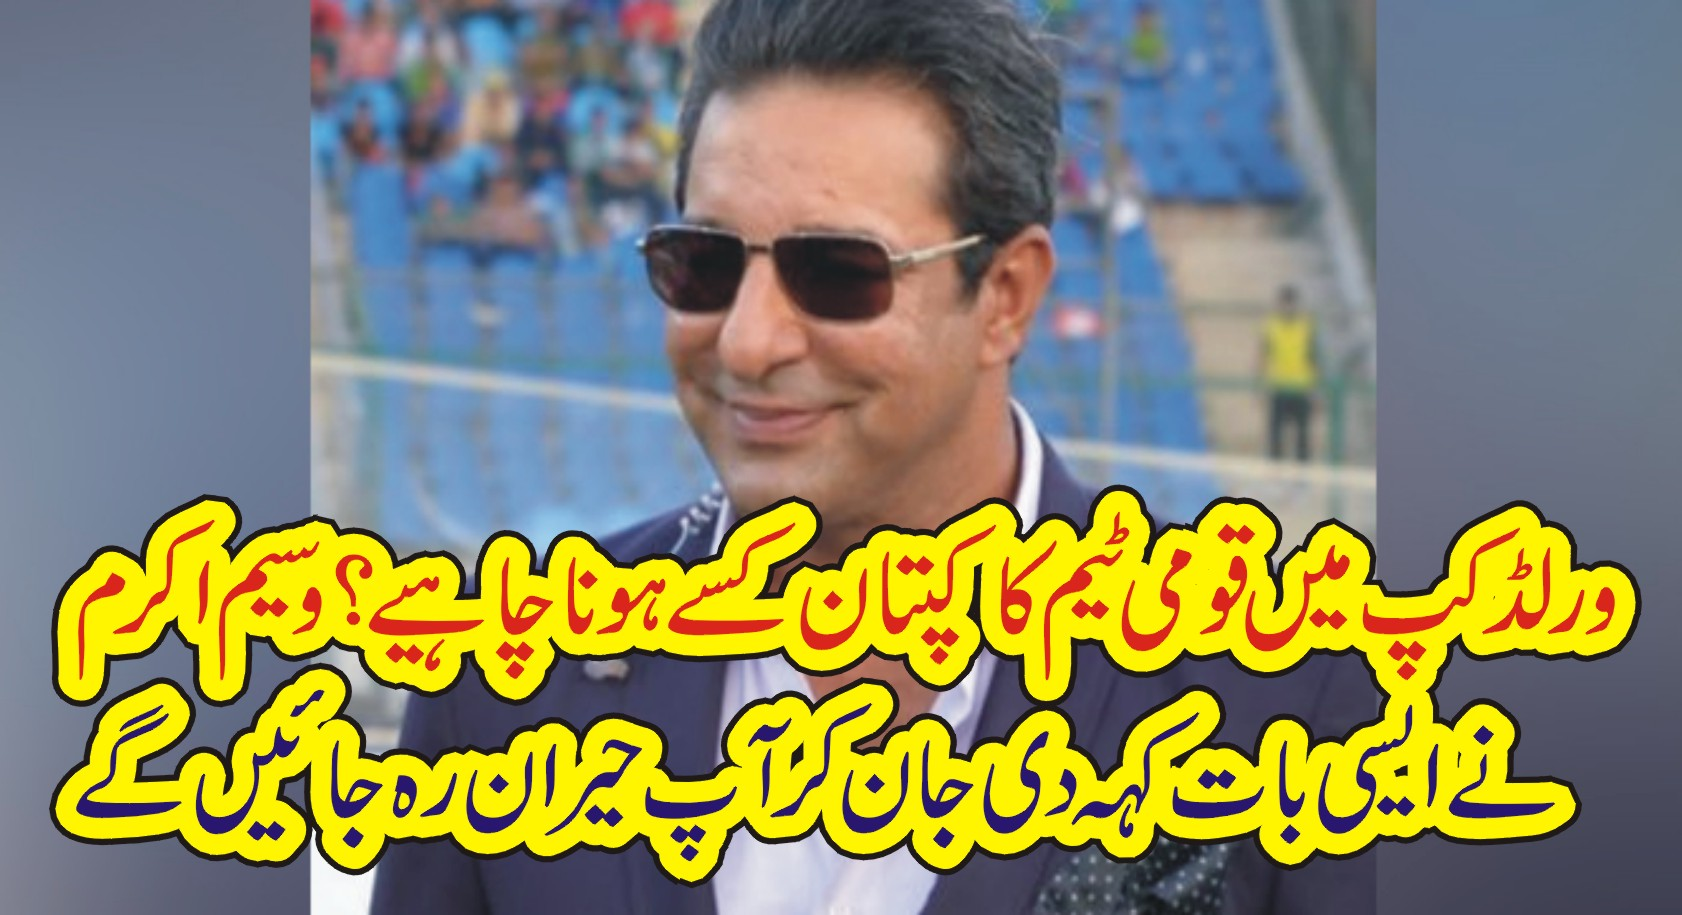 ورلڈ کپ میں پاکستان ٹیم کا کپتان کسے ہونا چاہیے ؟ وسیم اکرم نے ایسی بات کہہ دی جان کر آپ حیران رہ جائینگے